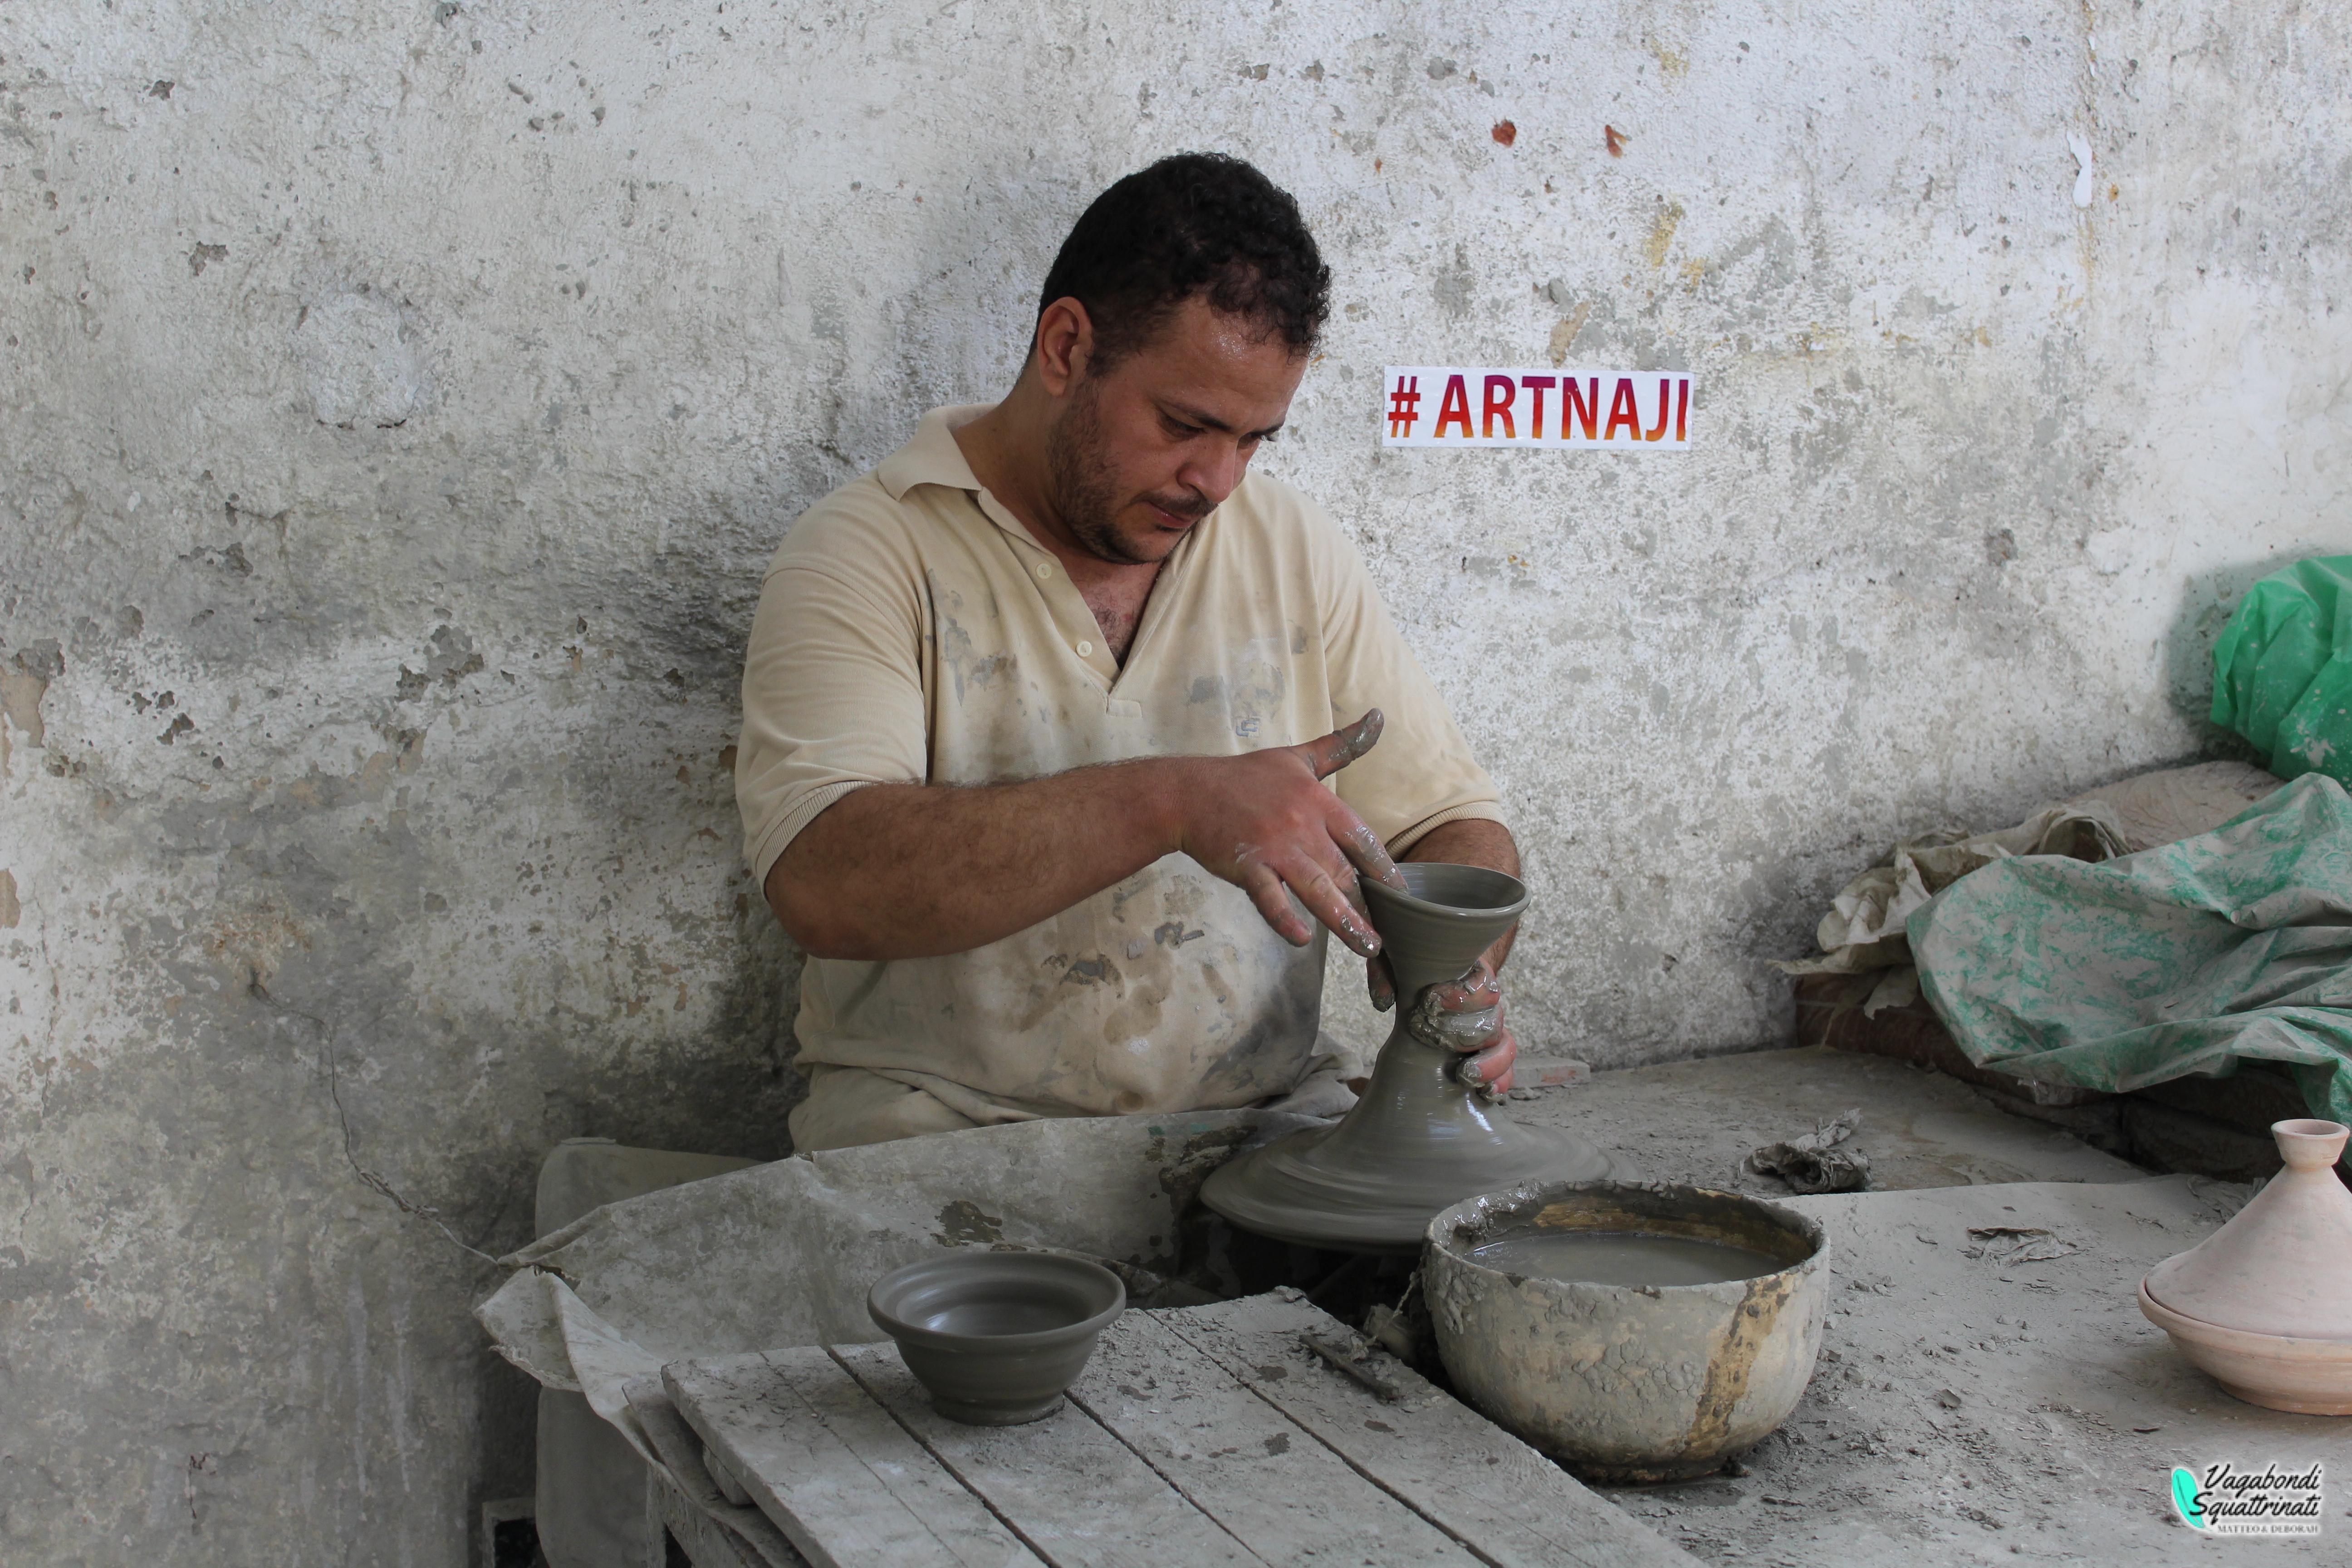 Contrattare in Marocco: guida alla sopravvivenza ceramica